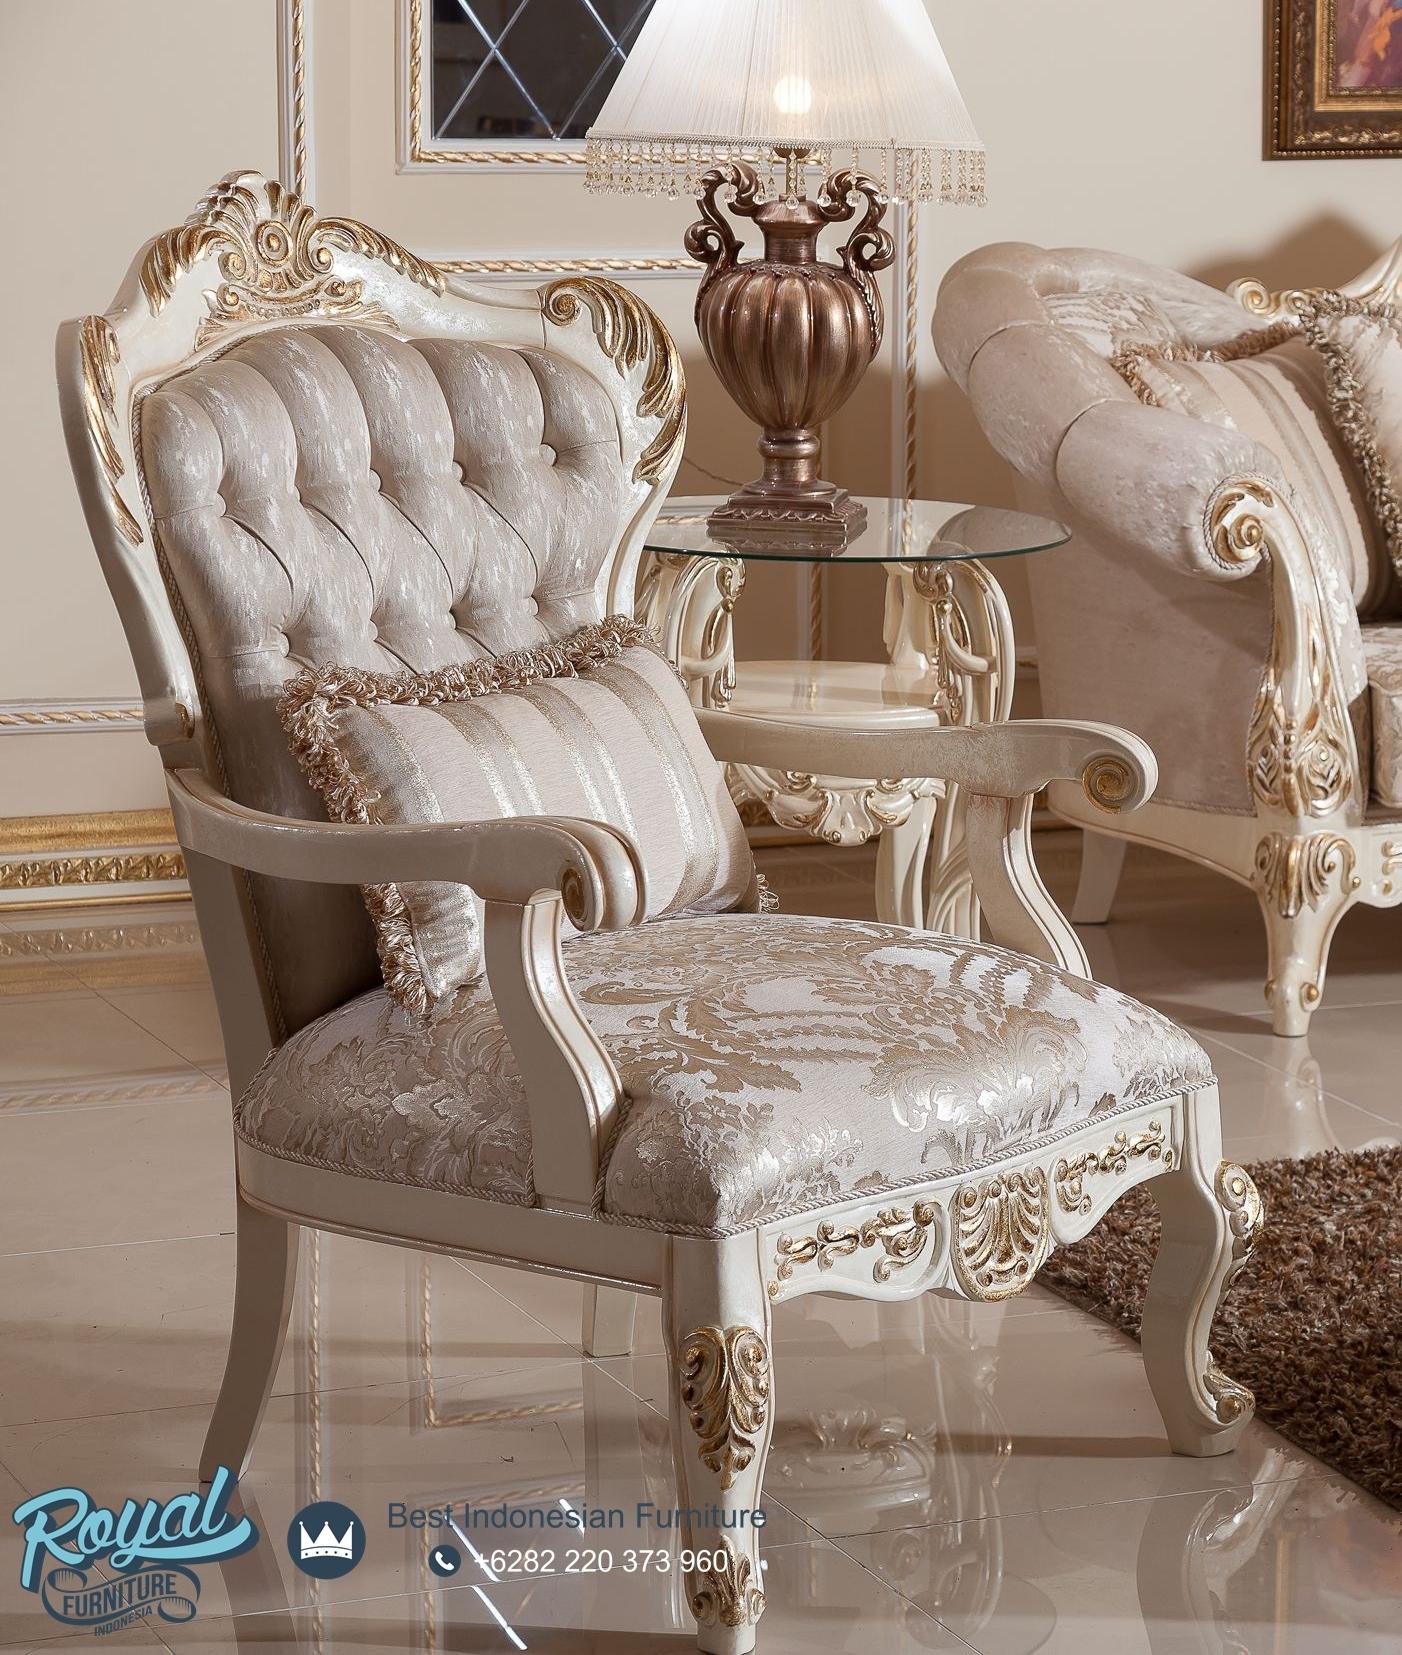 Kursi Tamu Modern Mewah Ukir Jepara Terbaru Italian New Design, sofa tamu klasik minimalis, sofa tamu klasik modern, sofa tamu klasik mewah, harga sofa klasik modern, sofa ruang tamu mewah modern, harga sofa tamu tamu jati jepara, sofa mewah minimalis, sofa tamu jepara terbaru 2020, sofa tamu kayu jati ukir, sofa tamu mewah terbaru, sofa tamu mewah klasik, sofa tamu mewah ukiran, sofa tamu mewah asli jepara, sofa ruang tamu mewah modern, kursi sofa tamu mewah, model sofa tamu modern warna putih, desain sofa ruang tamu klasik minimalis, sofa tamu mewah terbaru, sofa tamu mewah kulit asli, sofa jati terbaru, sofa jati jepara terbaru, sofa jati klasik, sofa tamu klasik eropa jati, gambar kursi tamu mewah terbaik, mebel jepara, furniture jepara, royal furniture